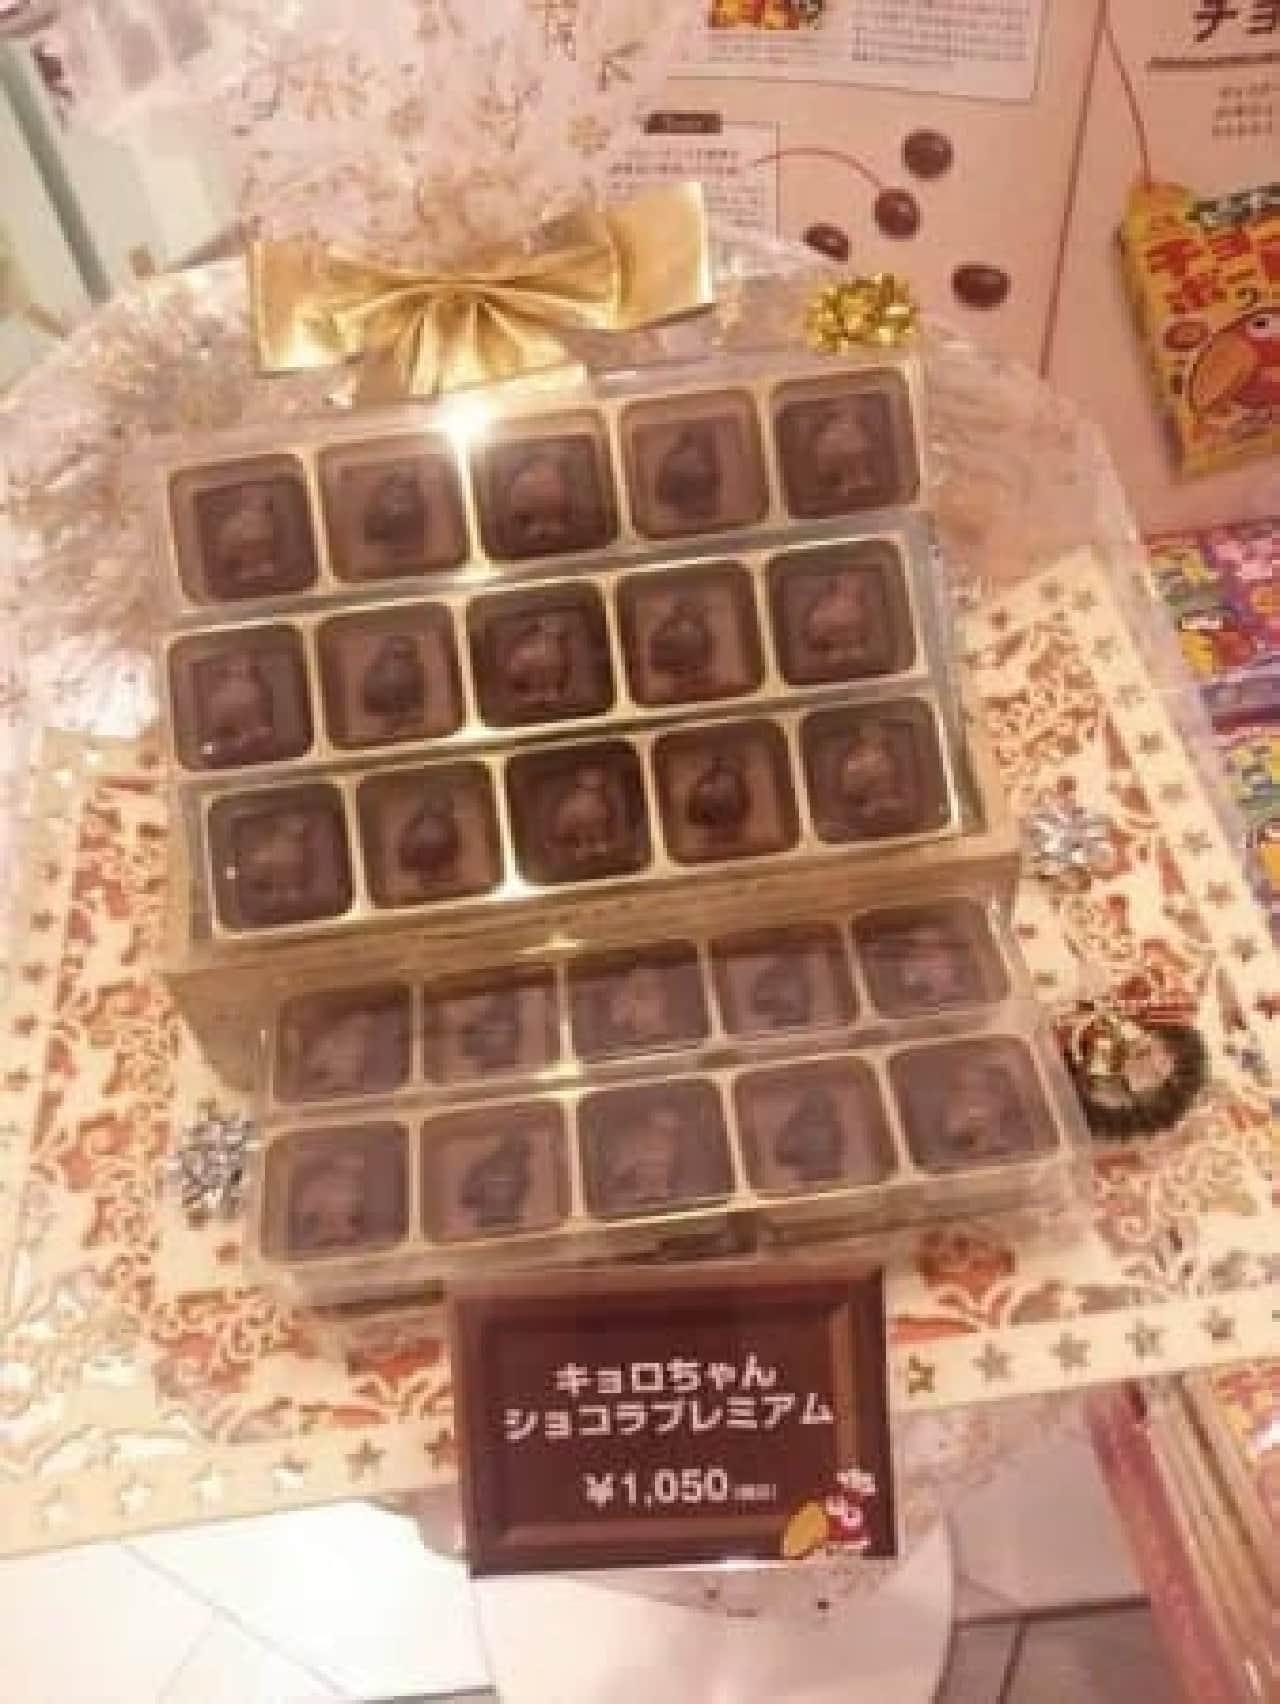 ボクのチョコレートだクエ!  (出典:おかしなおかし屋さん 公式 Facebook ページ)